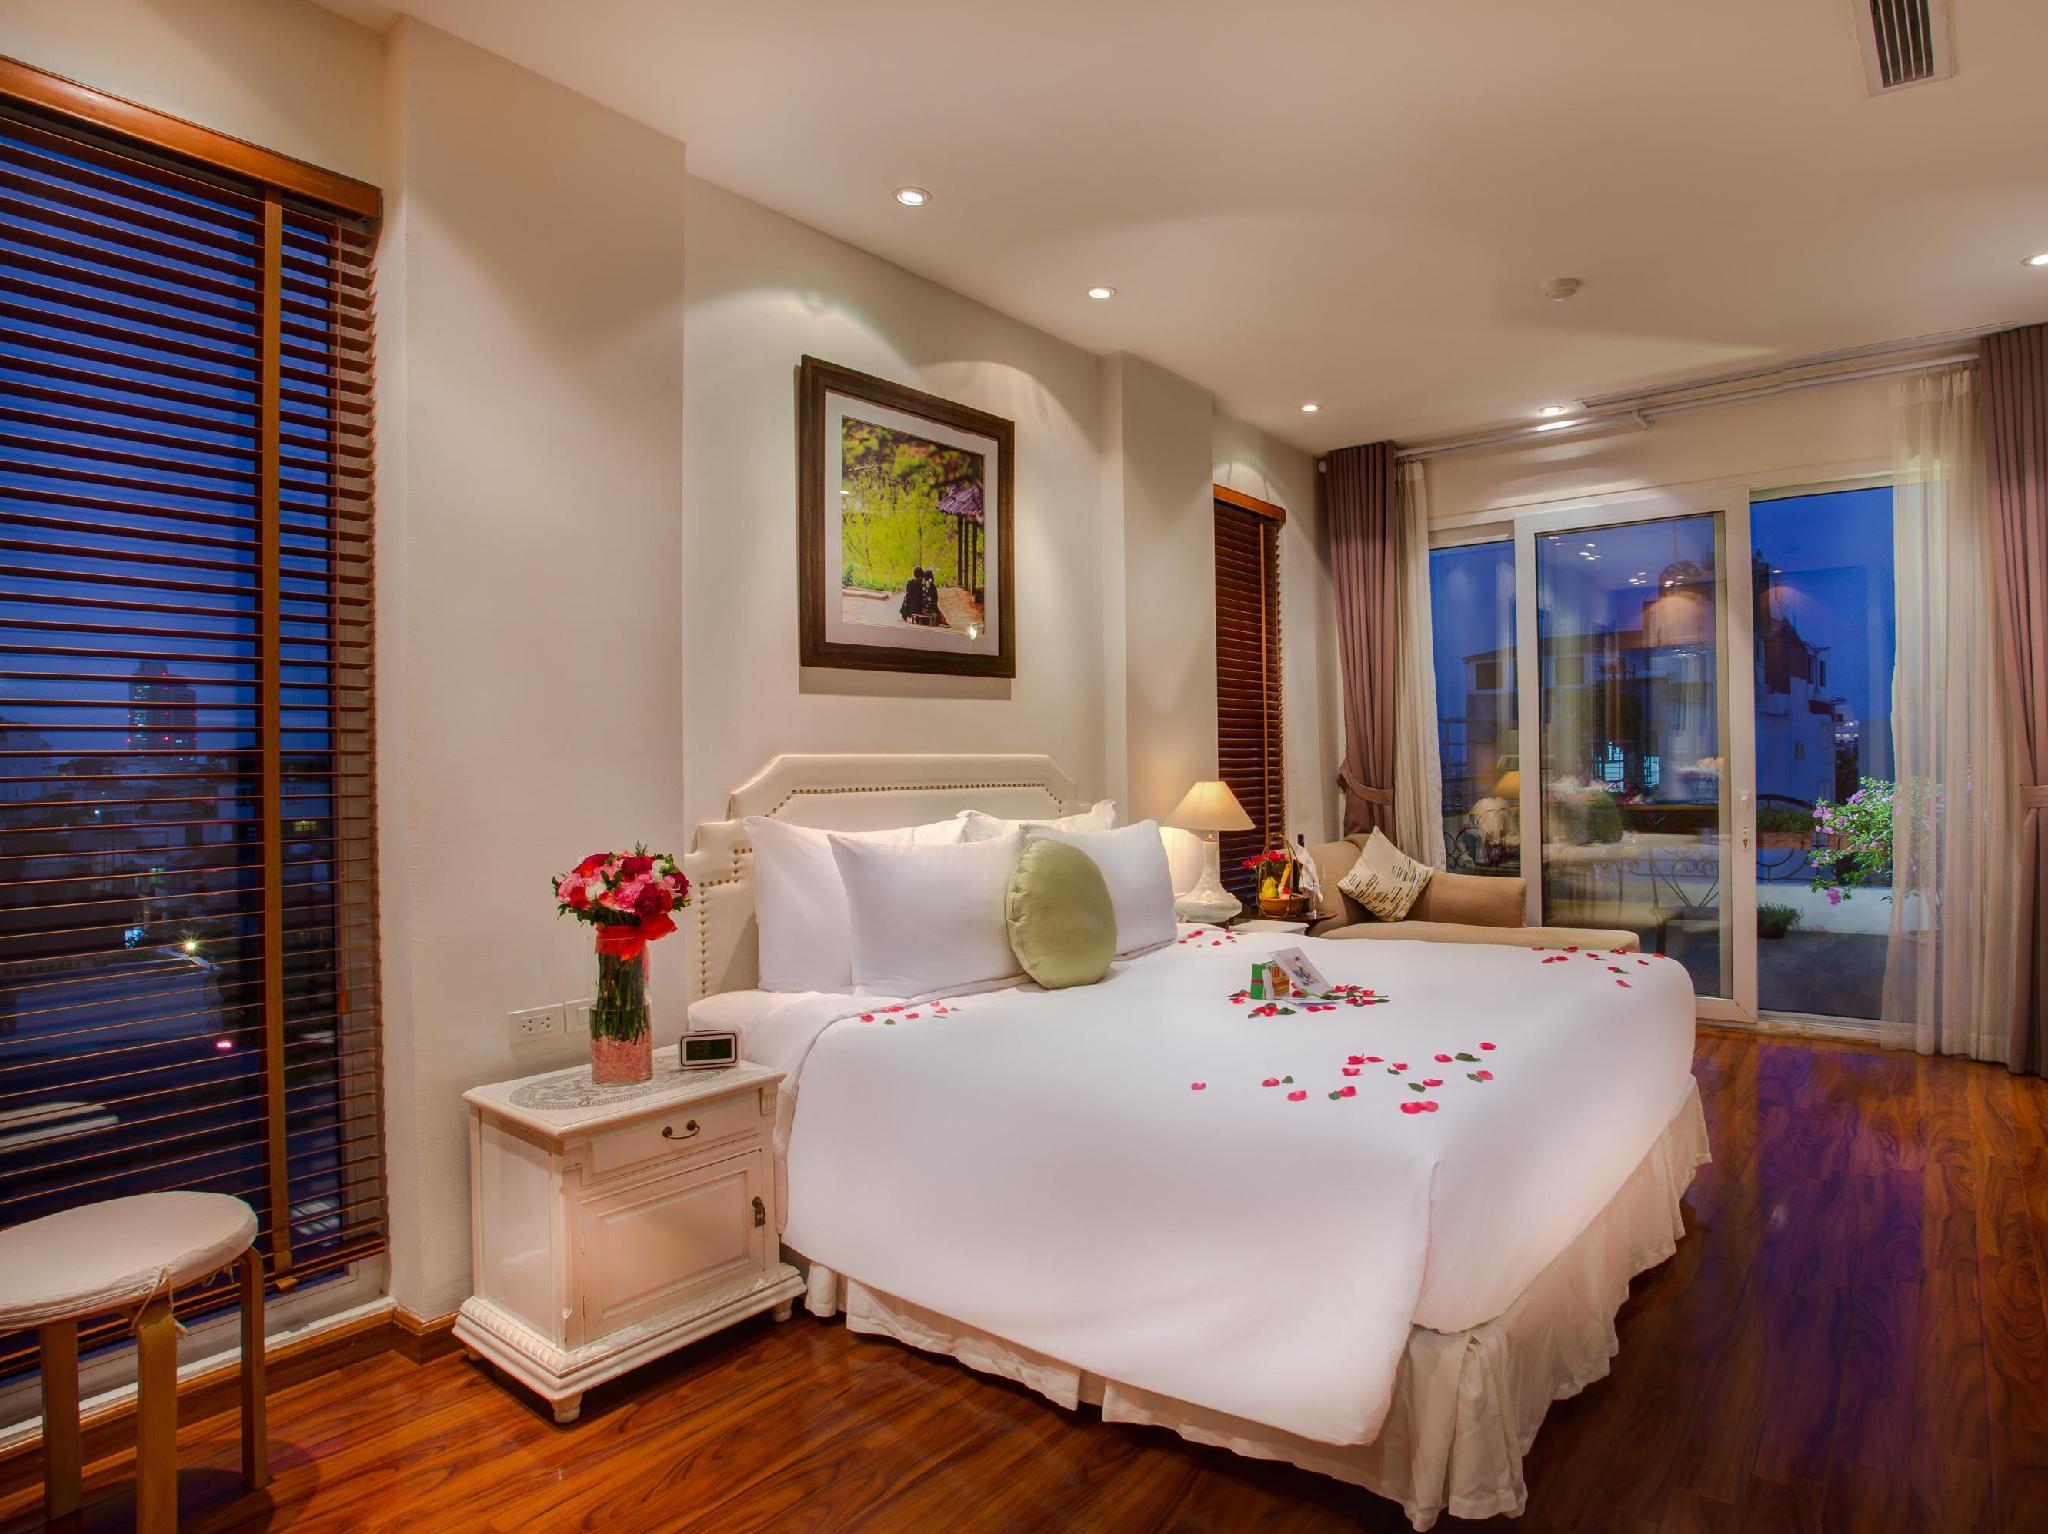 Meracus Hotel 2 - Hanoi